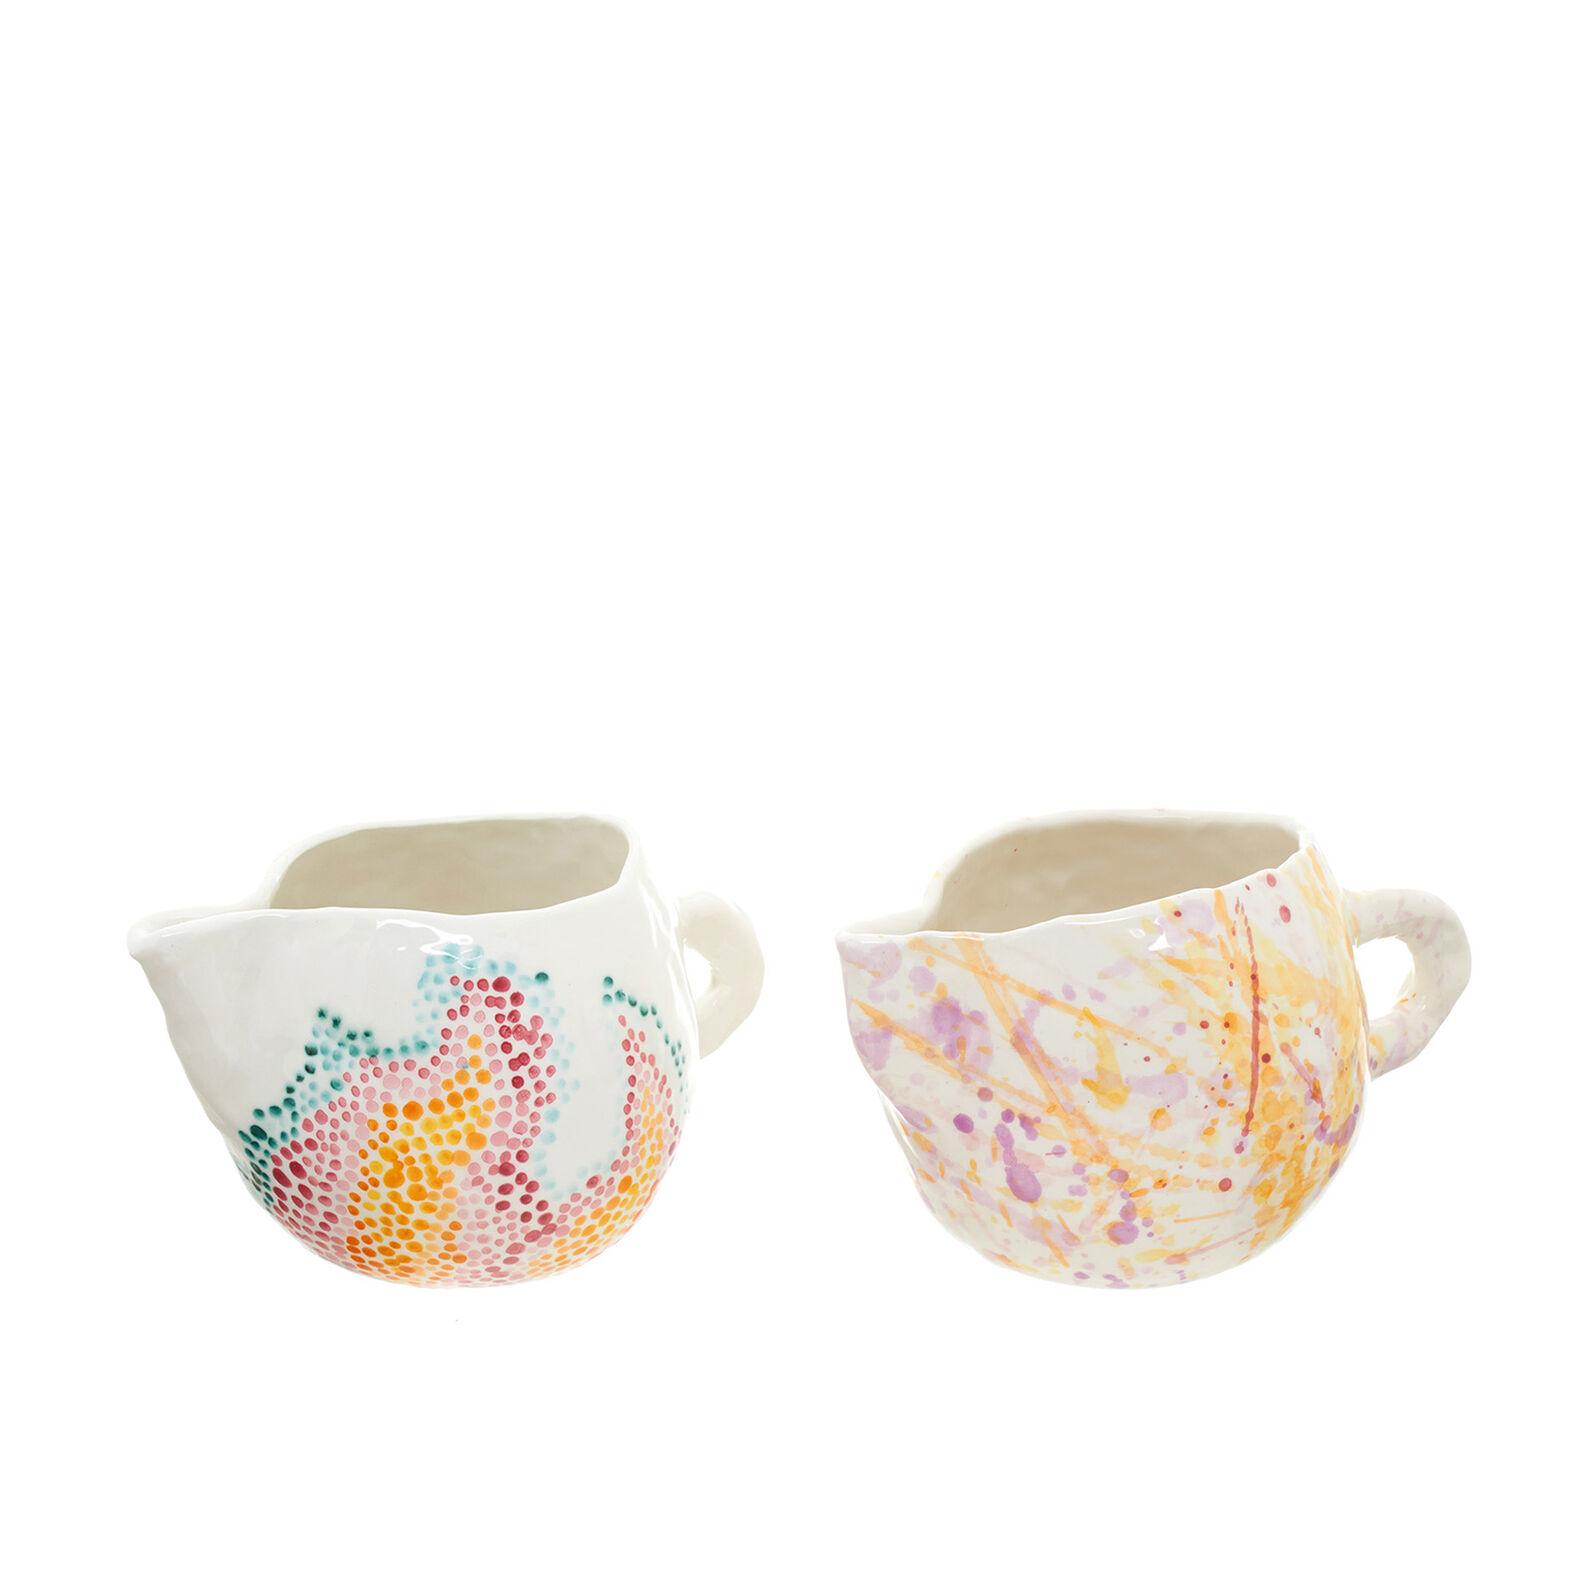 Caraffa ceramica edizione limitata Chiara Metelli